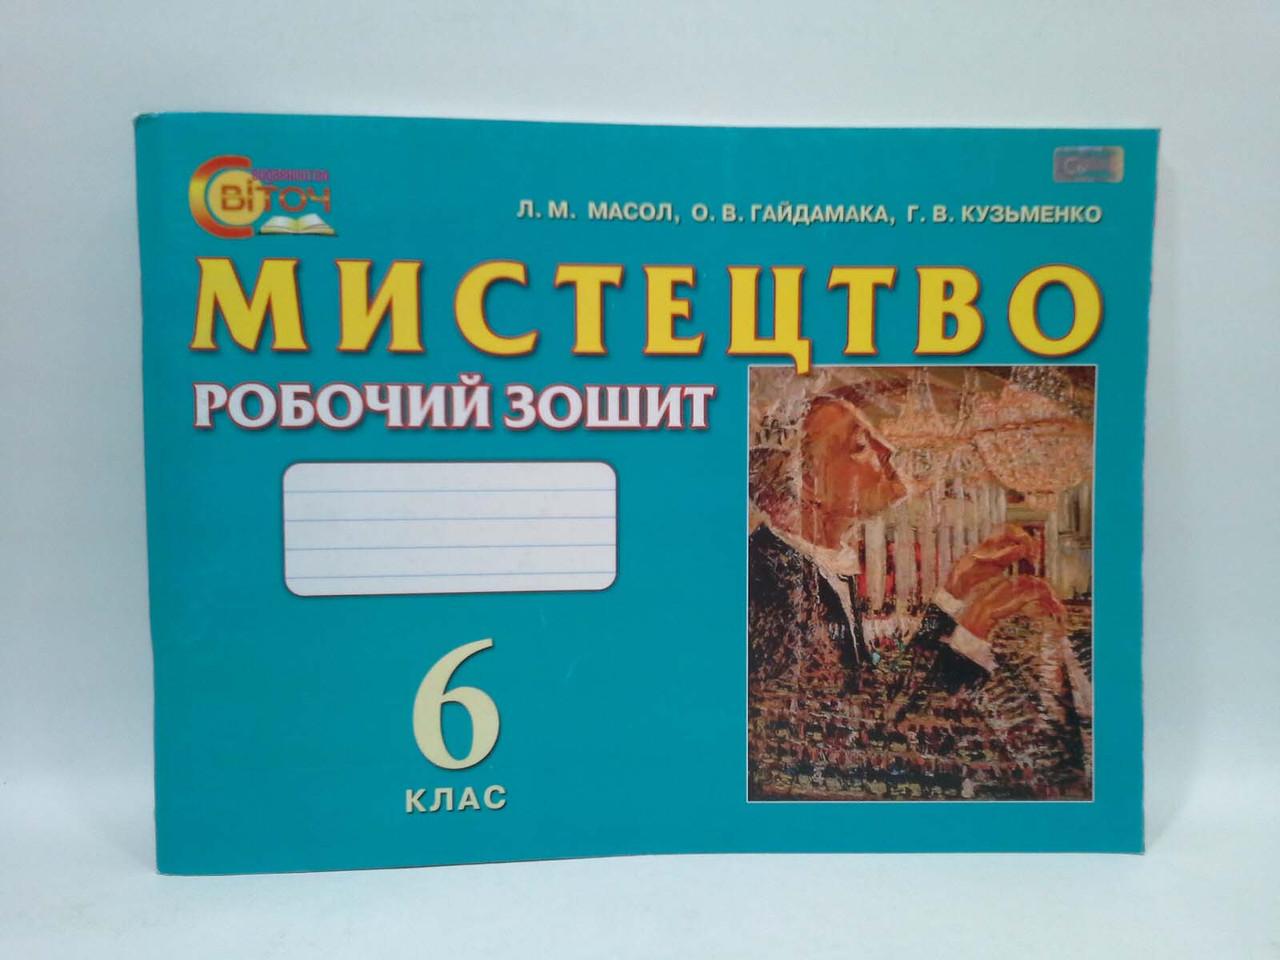 6 клас Світоч Робочий зошит Мистецтво 6 клас Масол